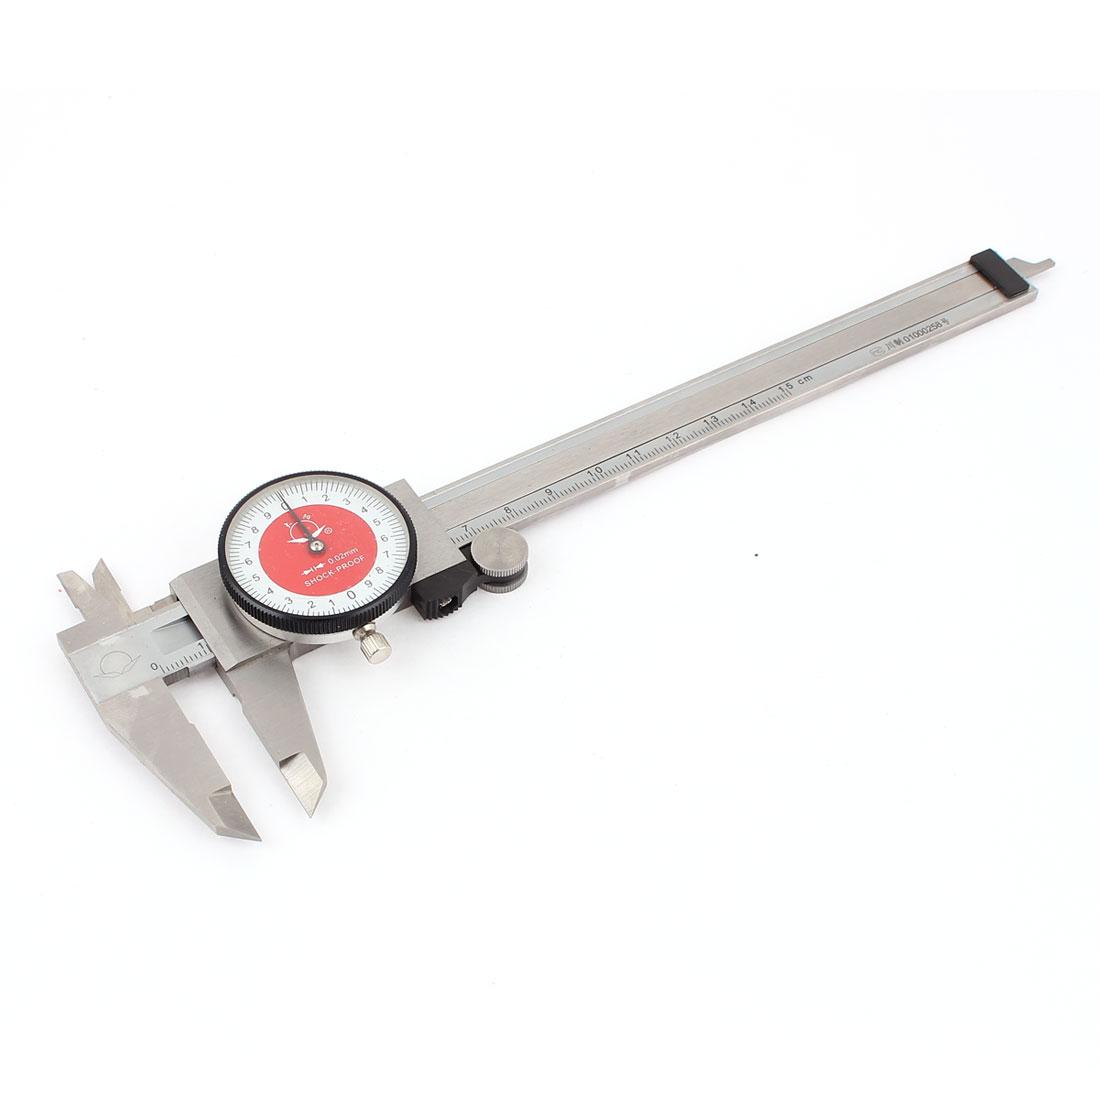 0-150mm Dial Scale 0.02mm External Inner Dia Slide Vernier Caliper